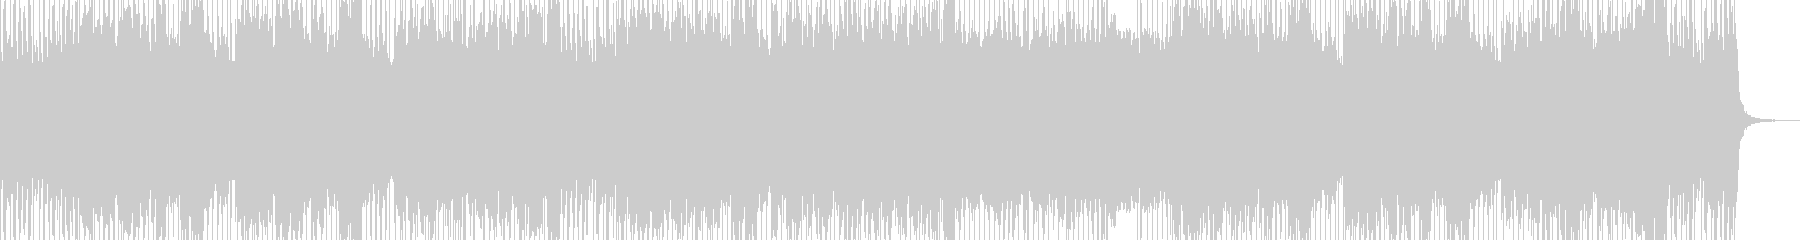 バンドサウンドのシンプルロックの未再生の波形